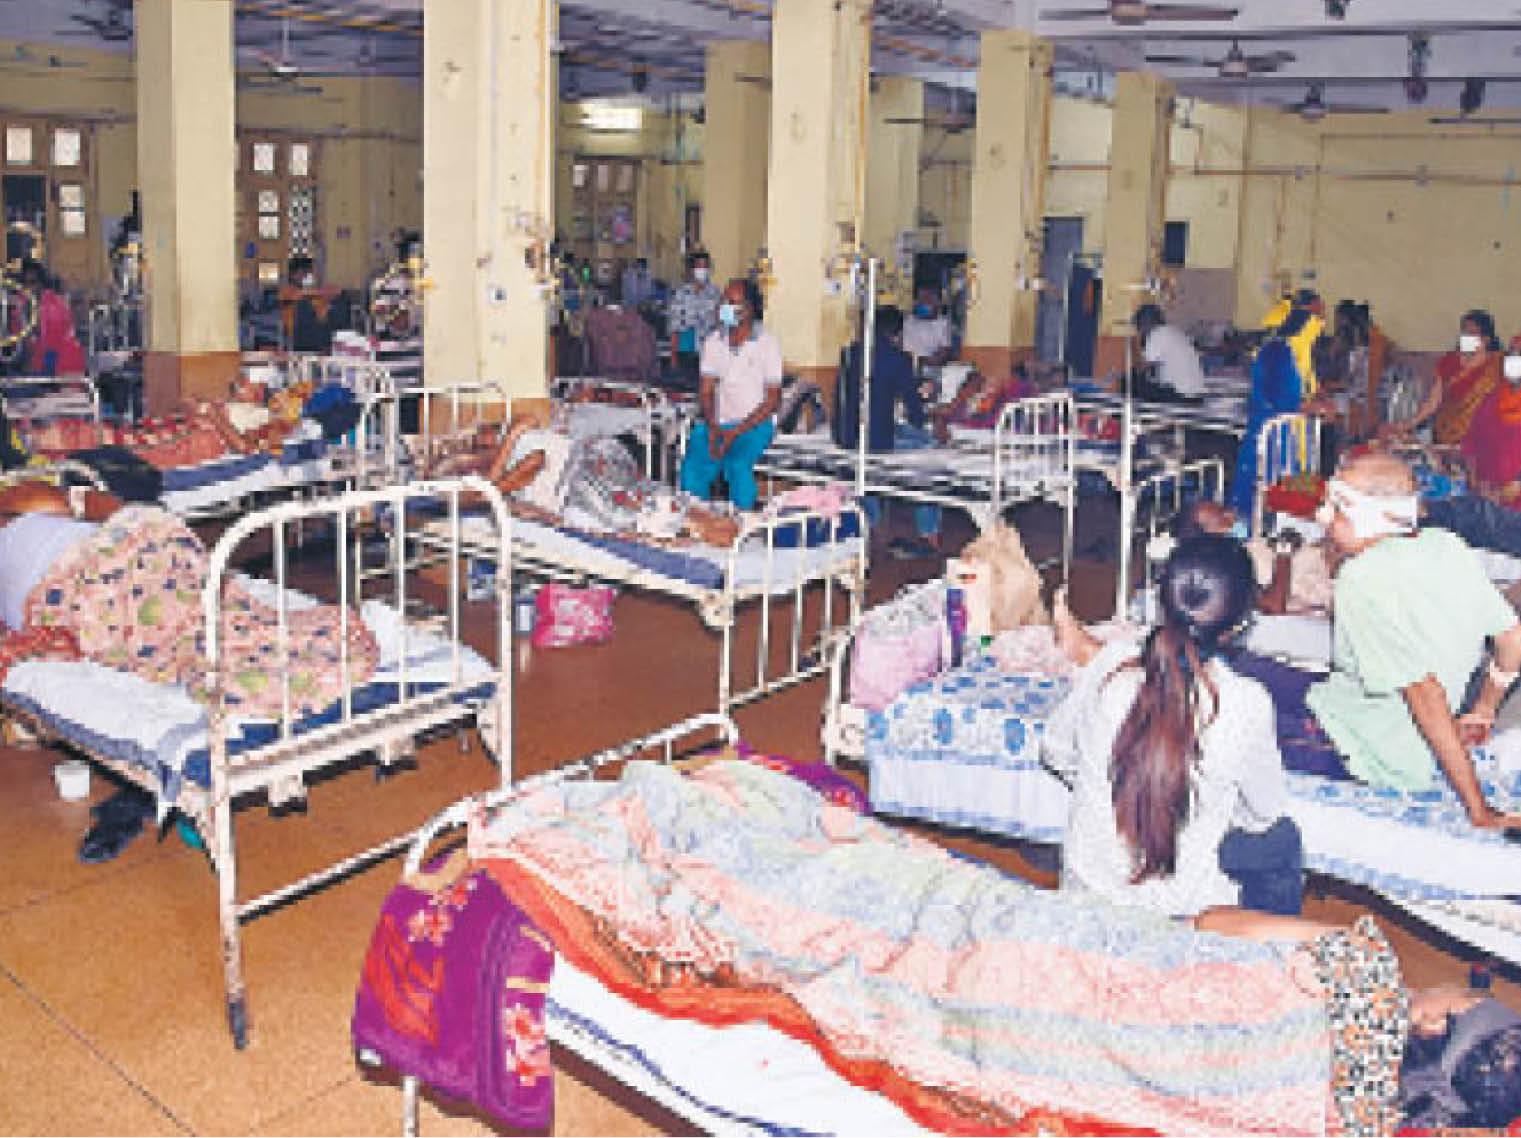 मेडिकल कॉलेज में अब तक 127 ब्लैक फंगस के एक्टिव केस, 17 मरीजाें की मौत. 51 हुए डिस्चार्ज, 200 से ज्यादा एंडोस्कोपी। - Dainik Bhaskar